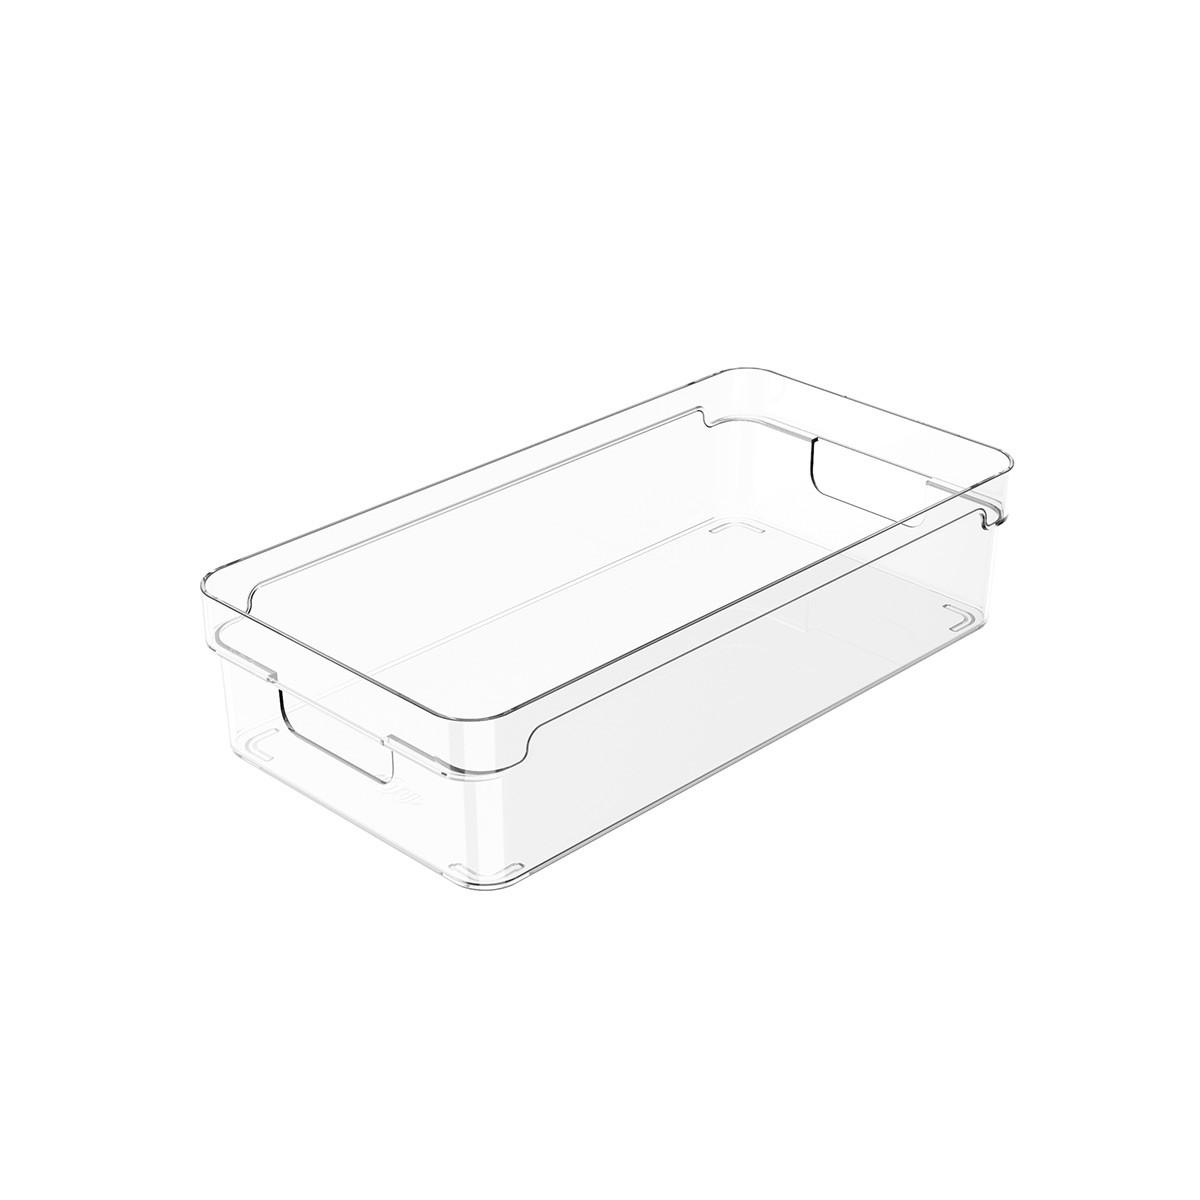 Organizador Clear 30x15x7 cm Transparente - Ou